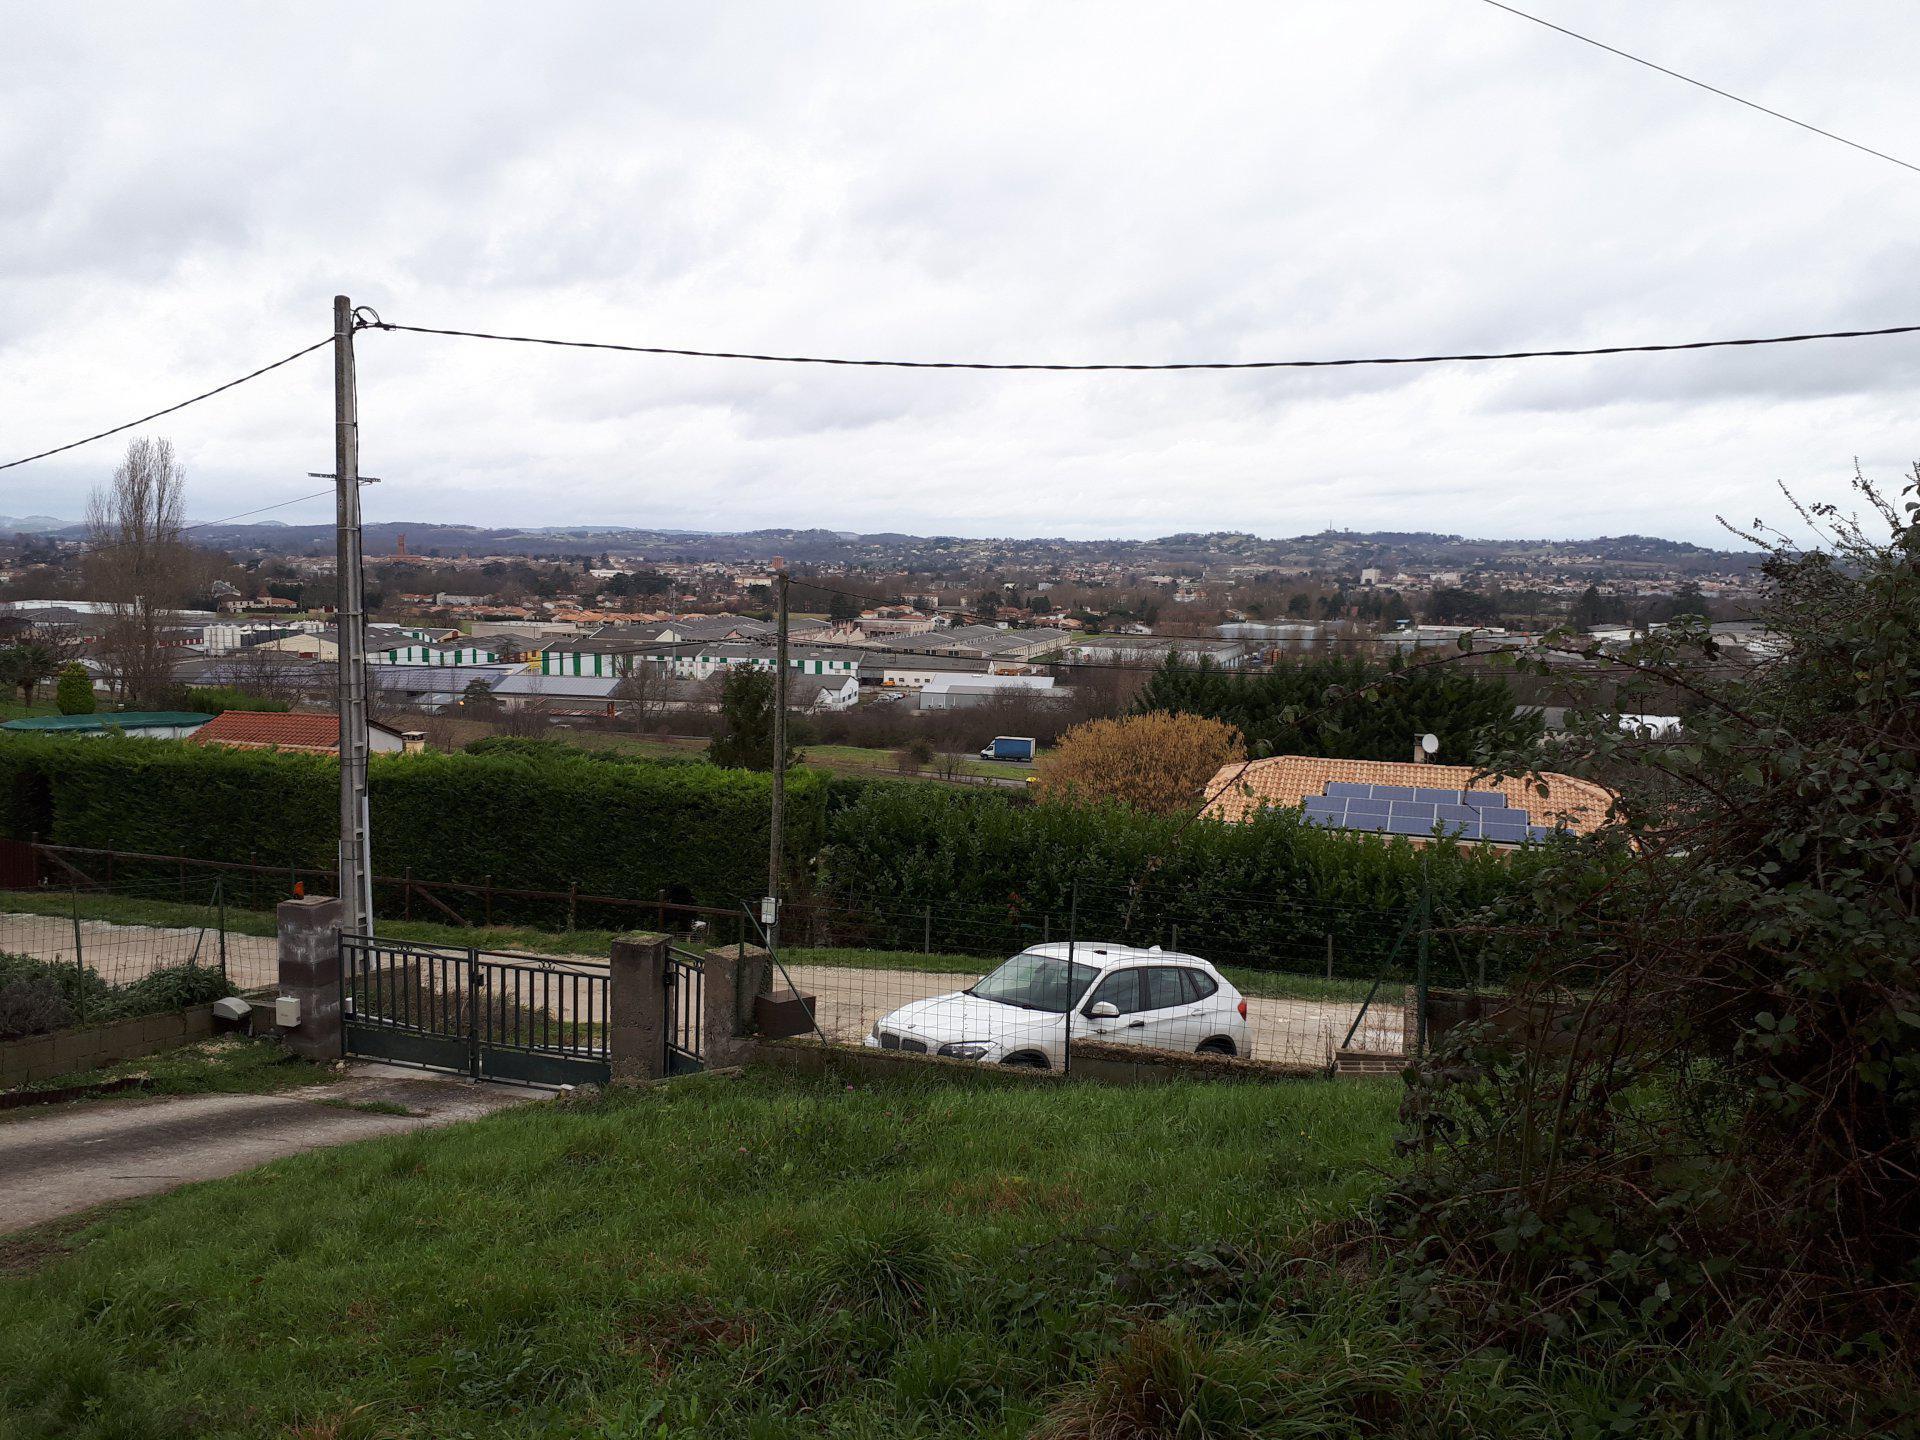 Maison proche de la ville